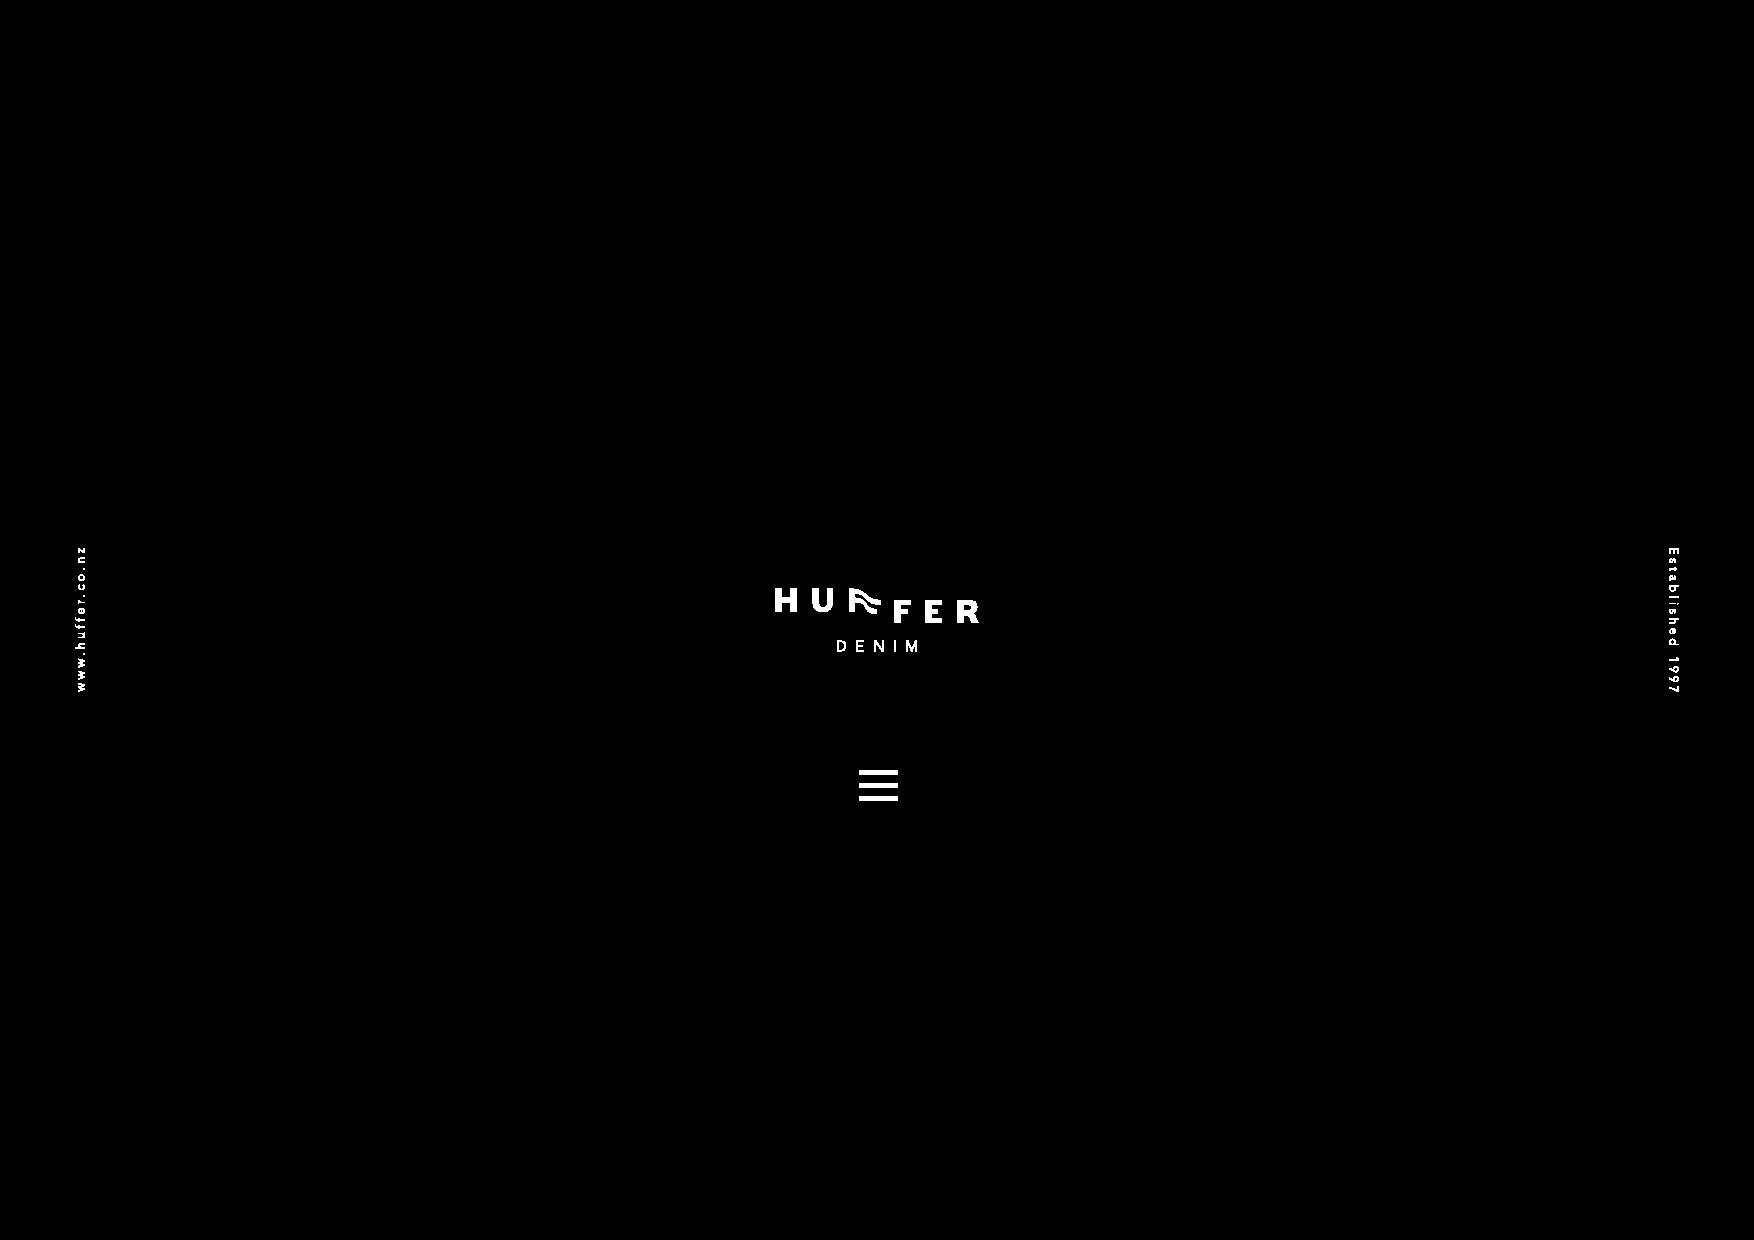 Huffer-Denim-page-001